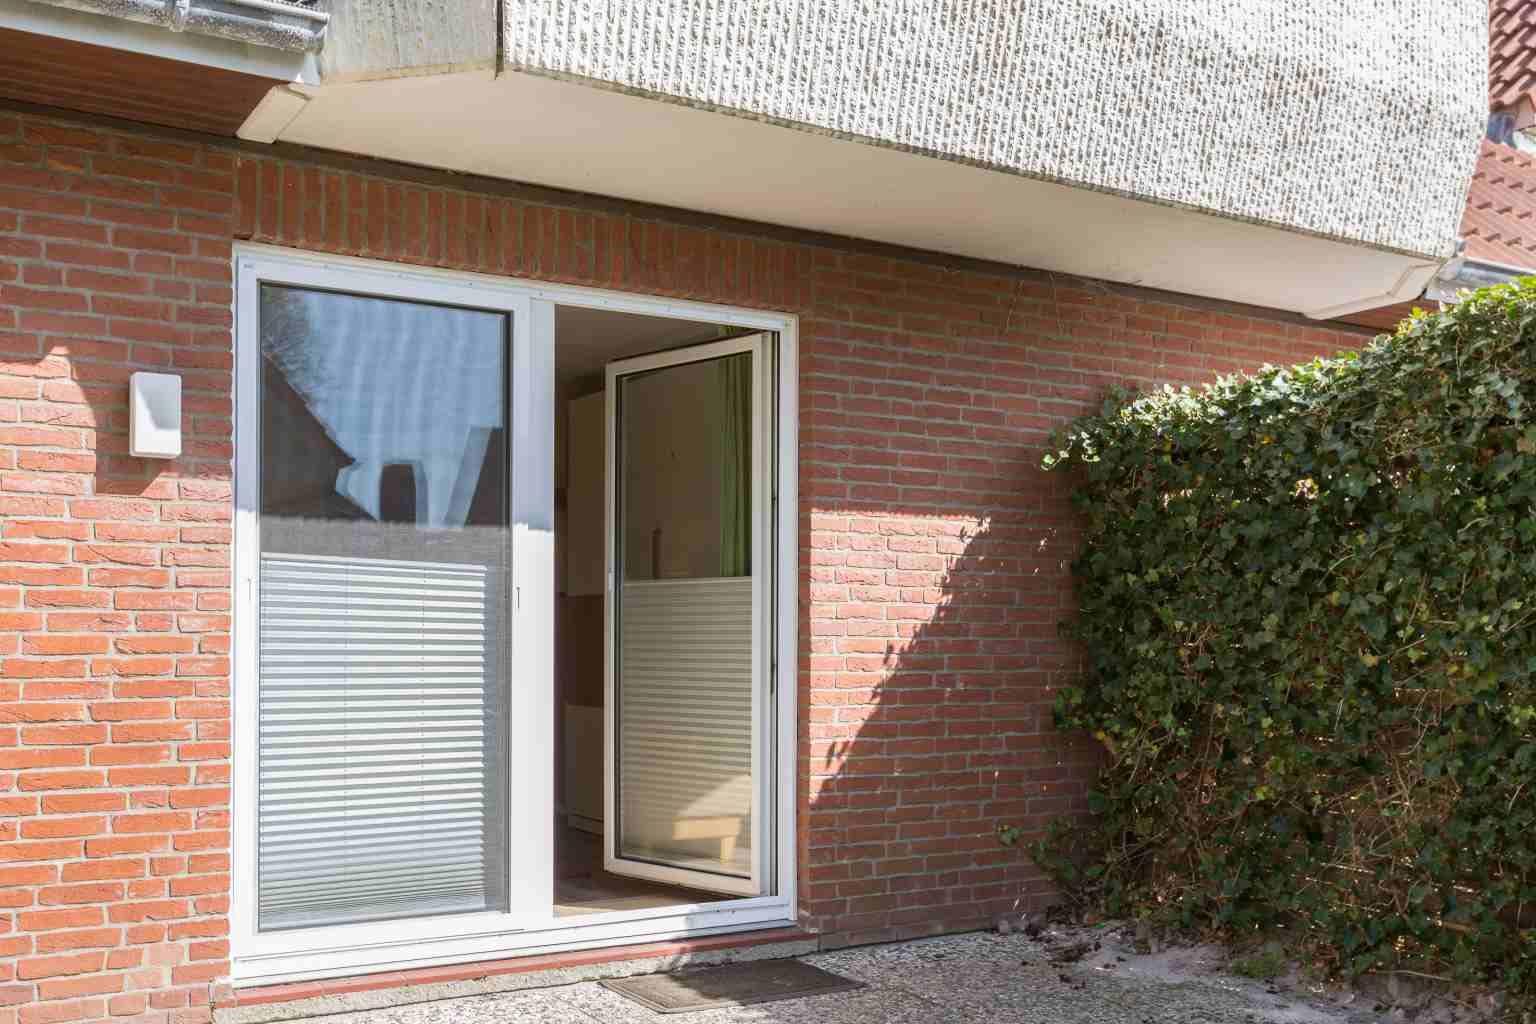 Terrasse - St Peter Ording Dorf, Haus Badallee 28a, Wohnung Schwalbennest 2 (EG hinten)